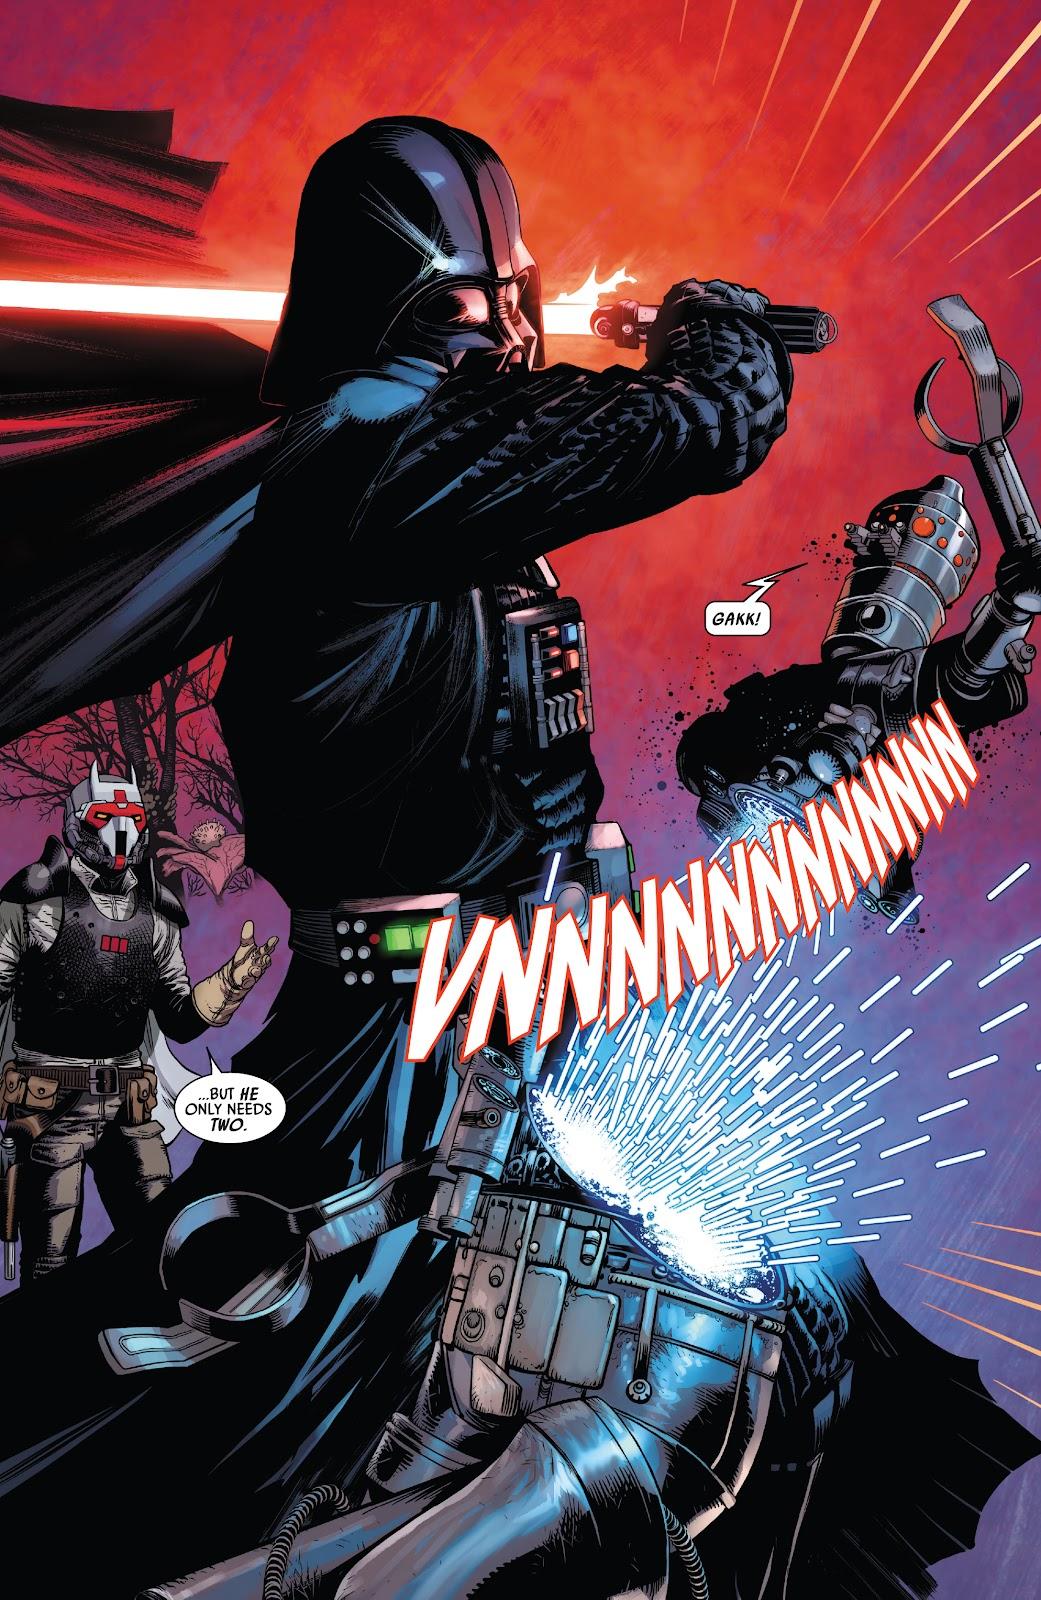 Darth Vader Destroys IG-88